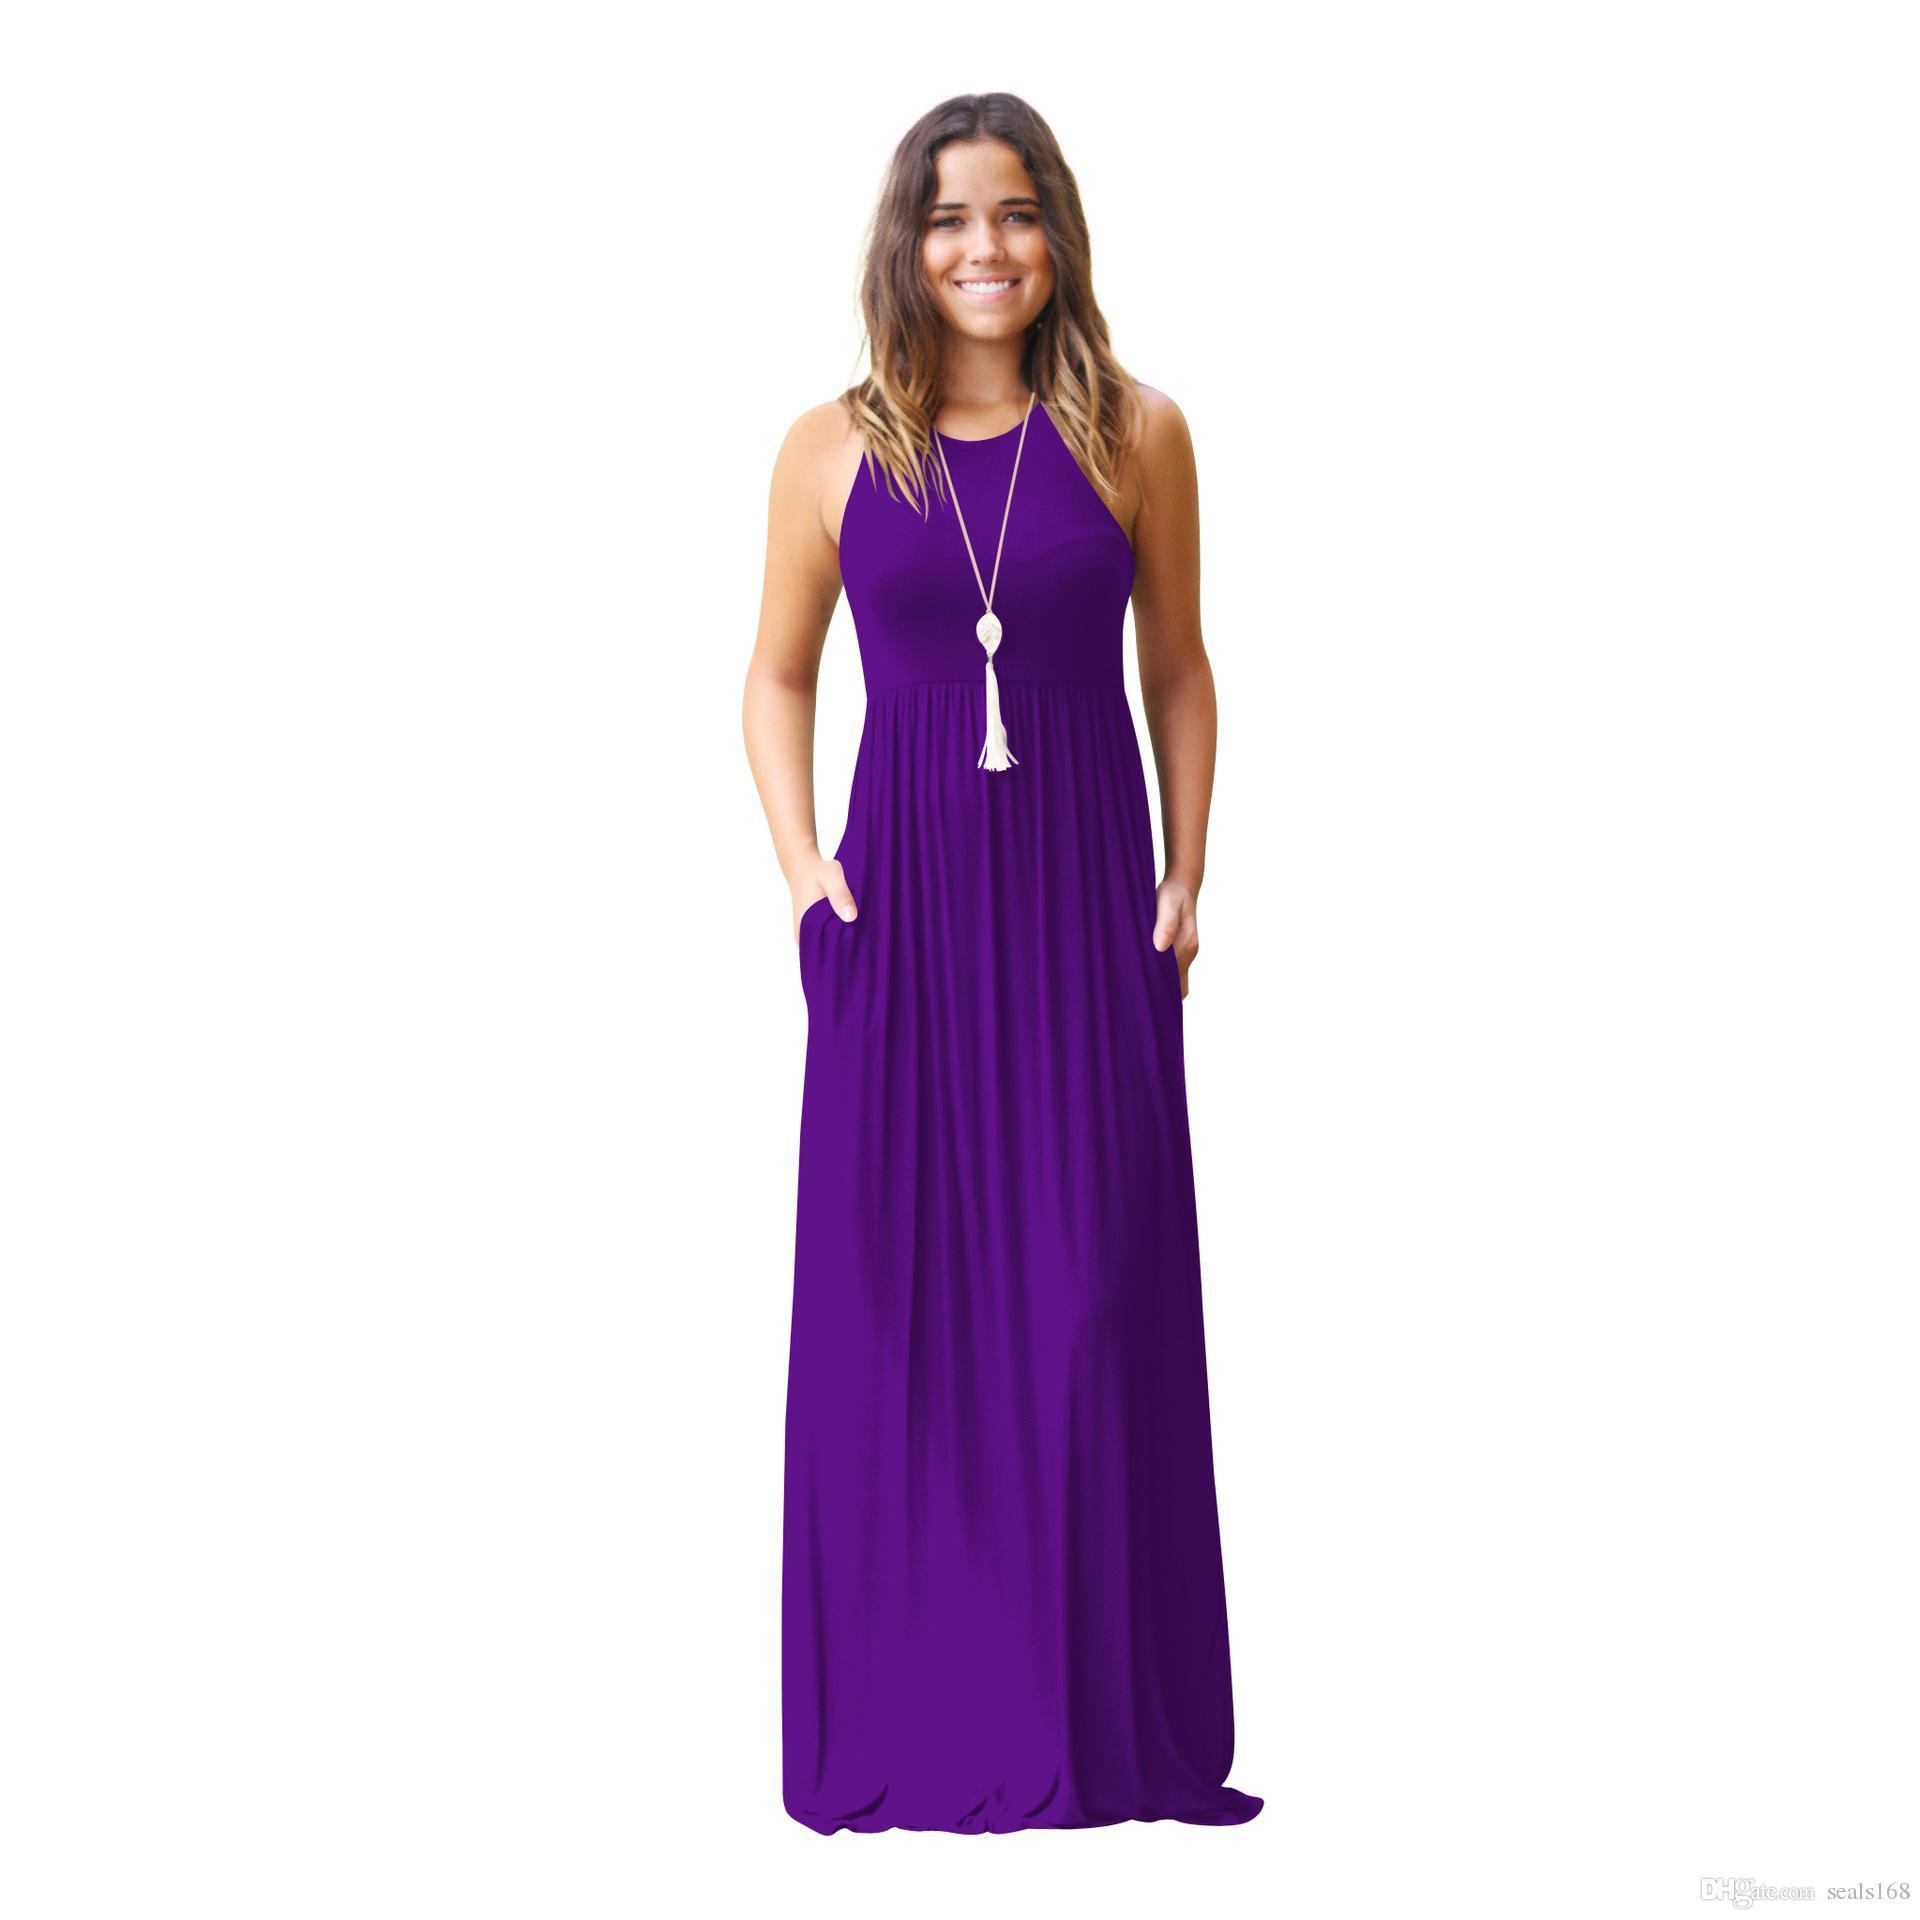 النساء فساتين ماكسي أكمام فضفاضة عادي فساتين عادية فساتين طويلة مع جيوب شاطئ اللباس المنزل زائد حجم الملابس S-2XL HH7-1144